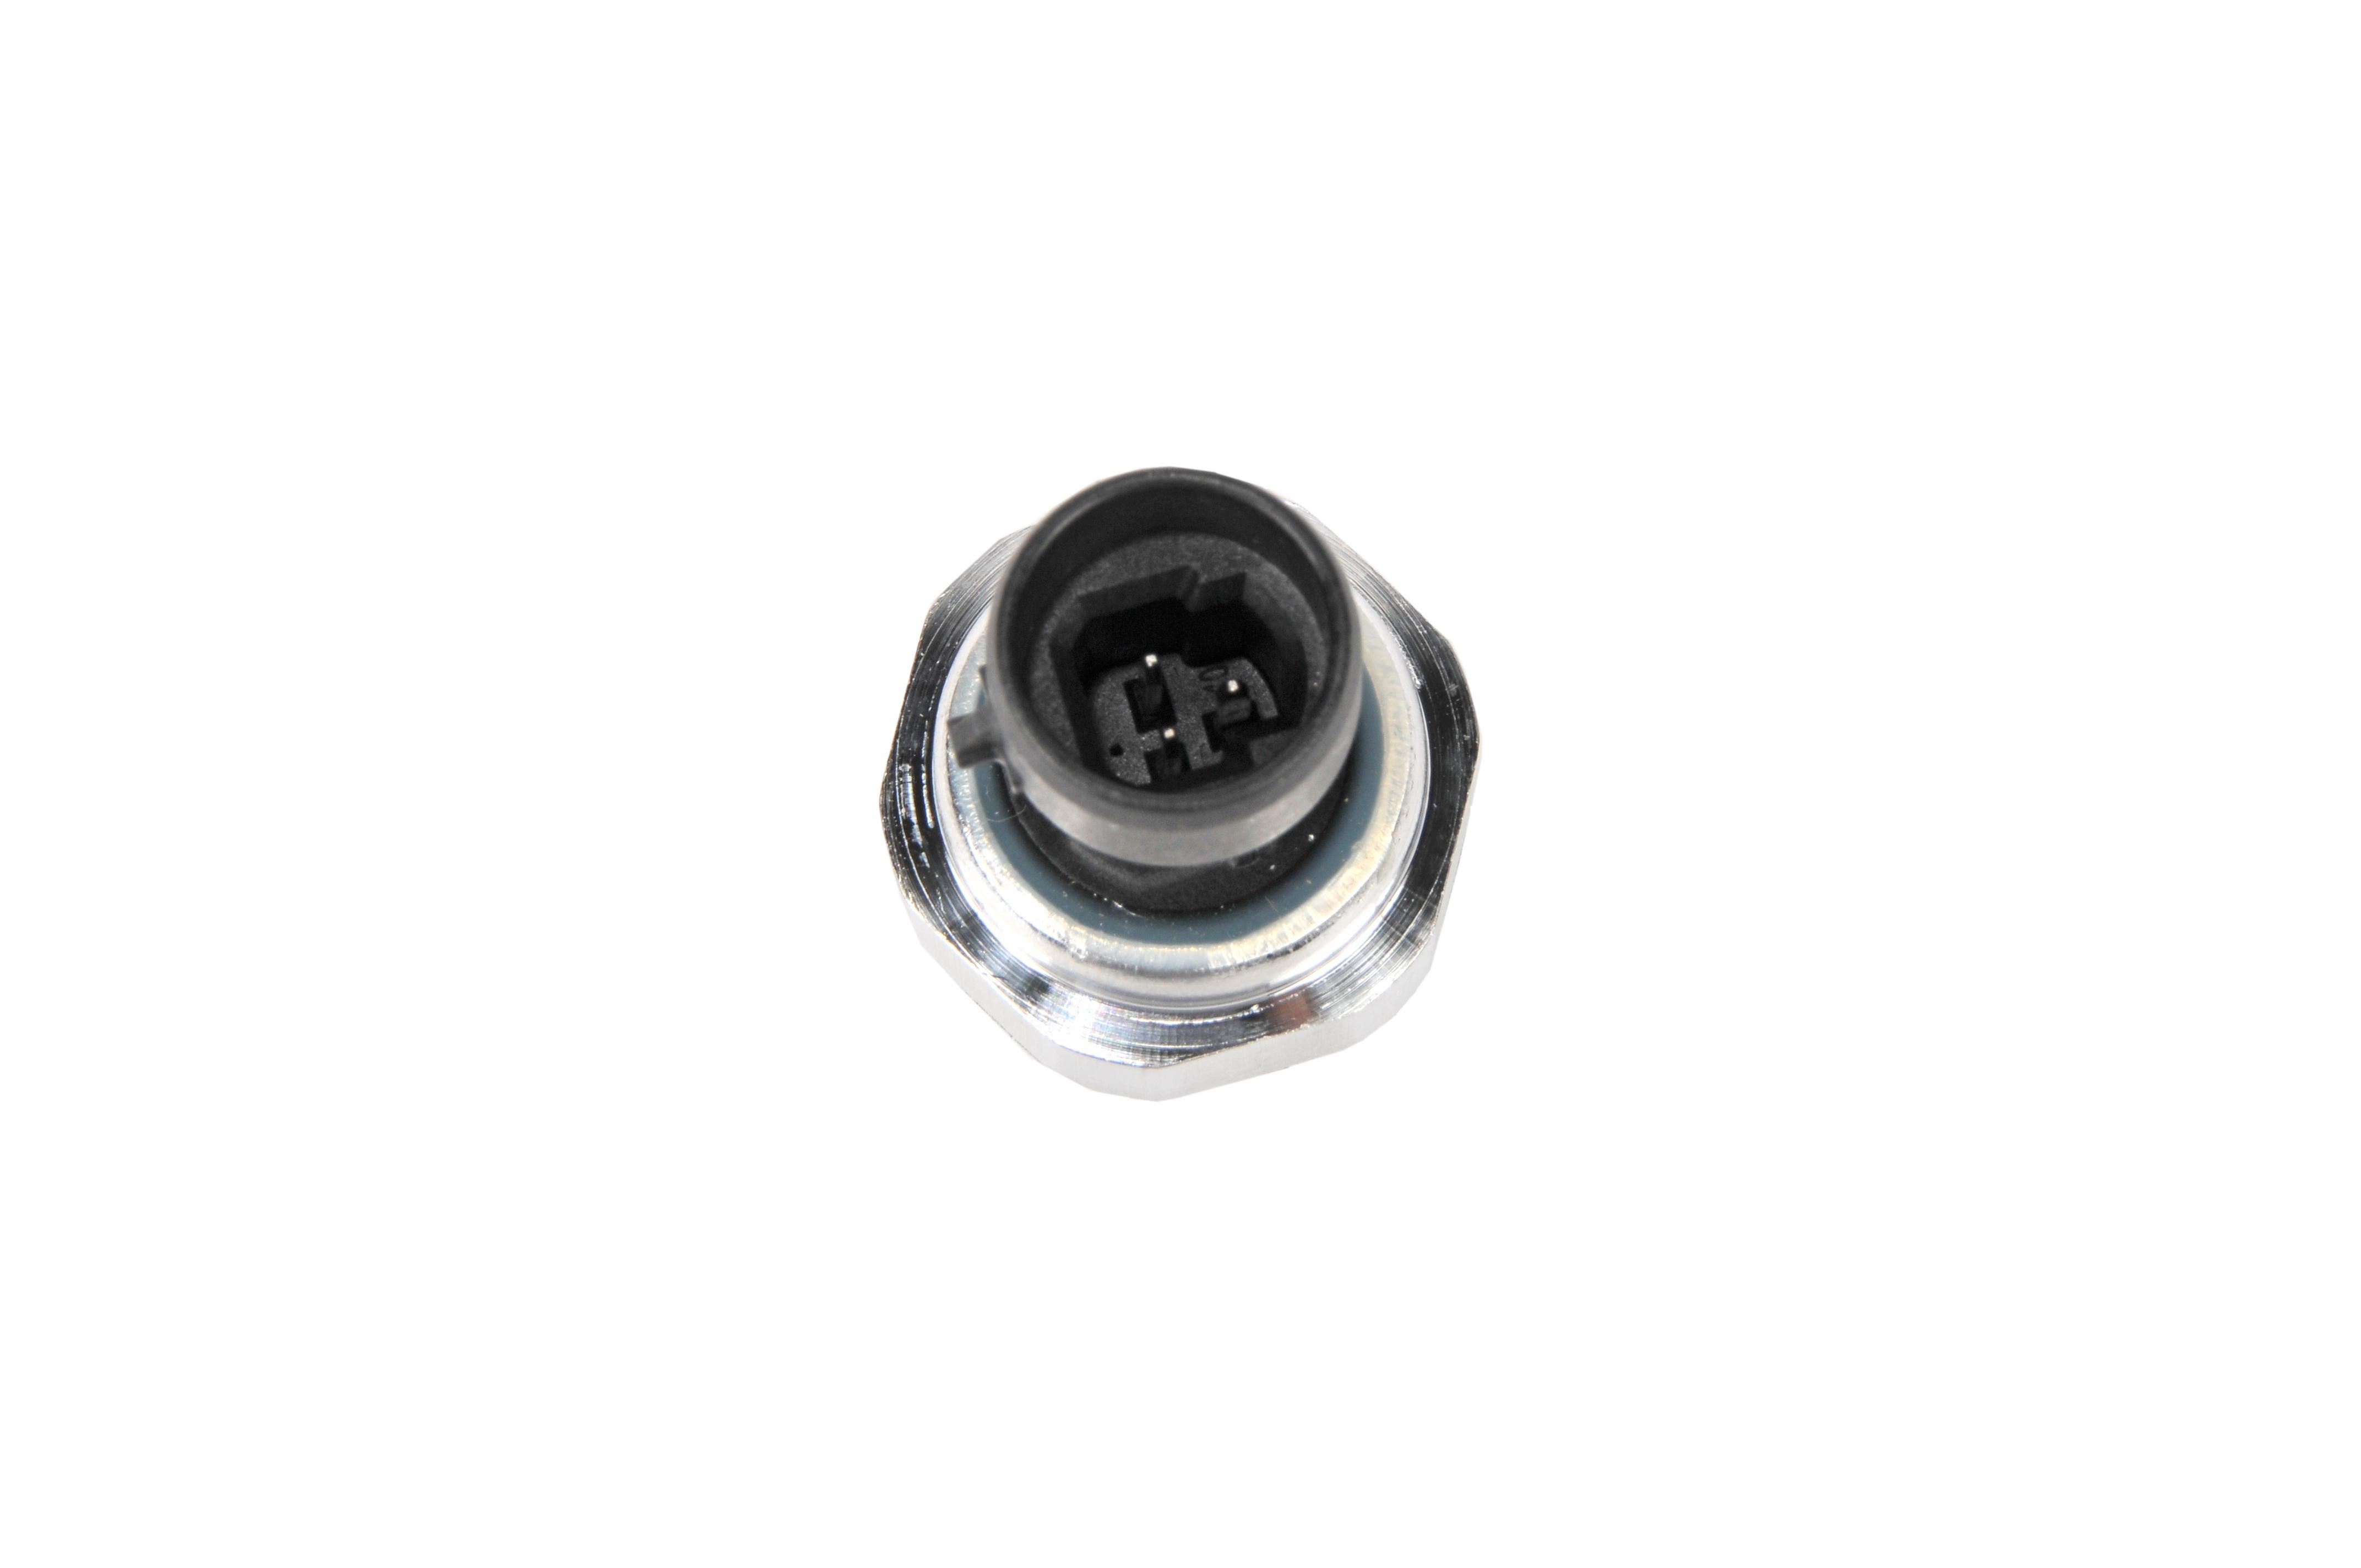 ACDELCO GM ORIGINAL EQUIPMENT - Engine Oil Pressure Sensor - DCB 12677838